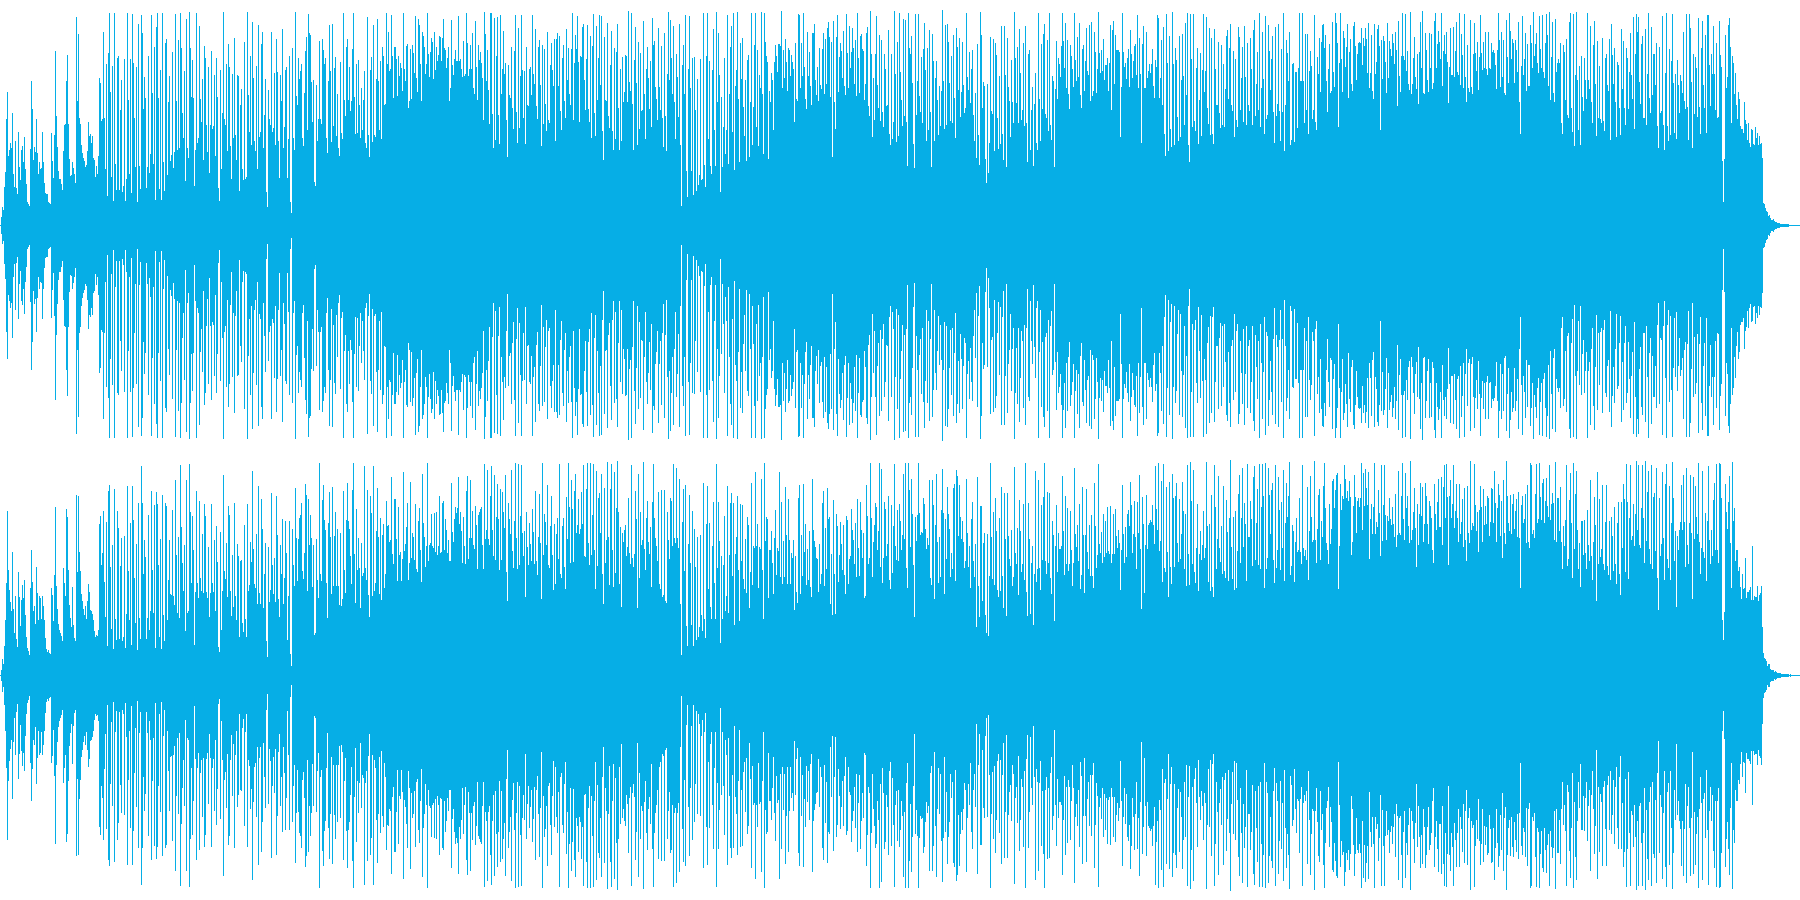 カフェミュージック:ピアノフュージョンの再生済みの波形